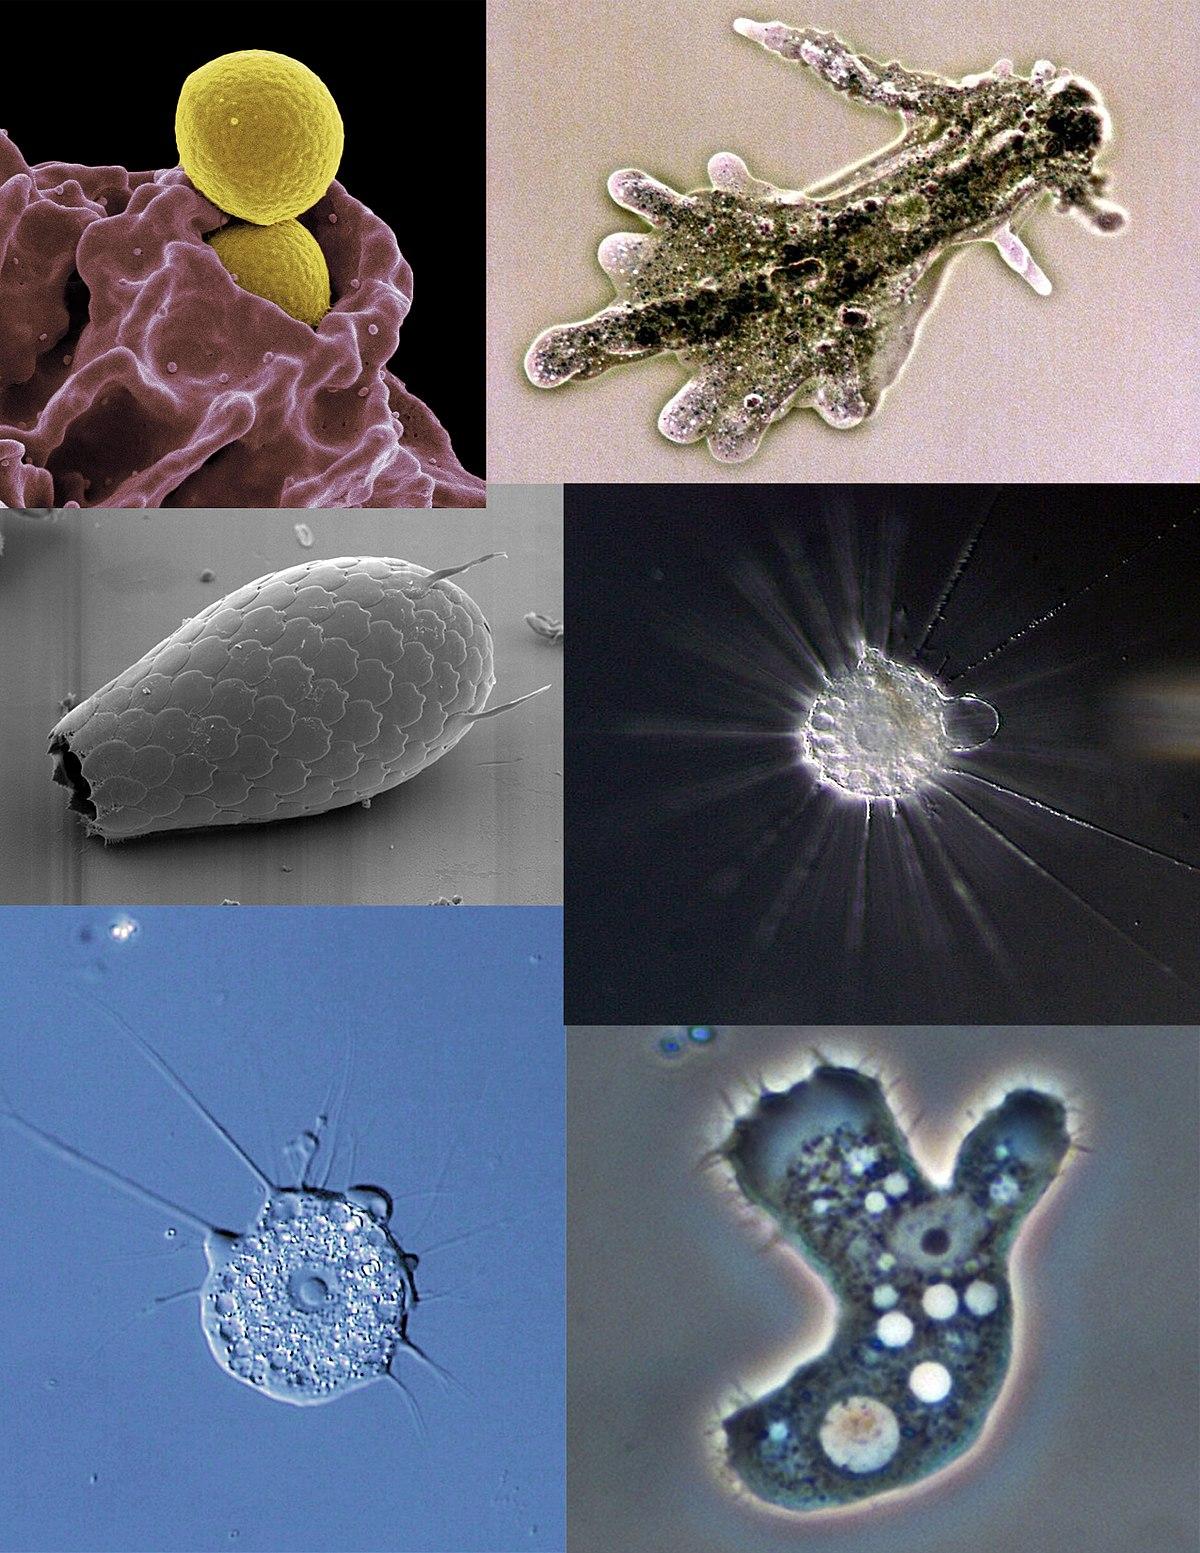 Amoeba Cell